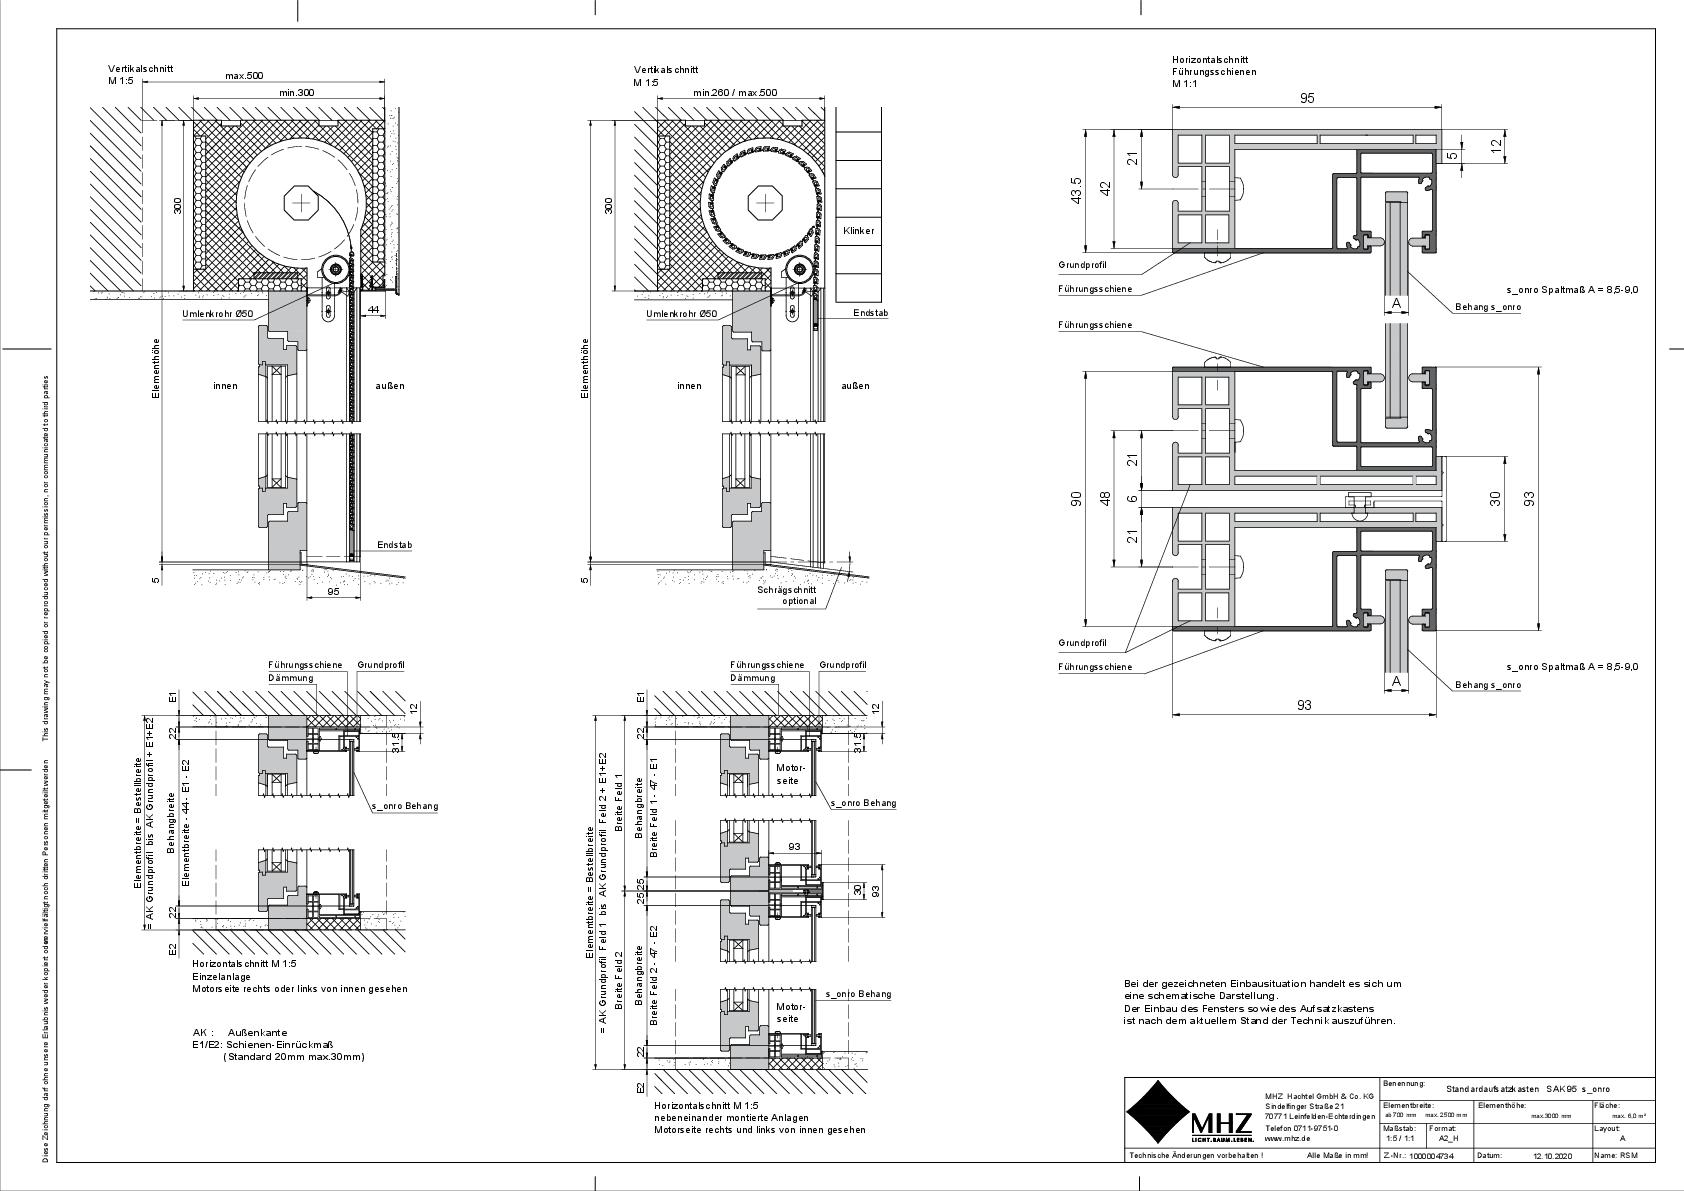 Technische Zeichnung Aufsatzkasten SAK_95 s_onro (dwg)